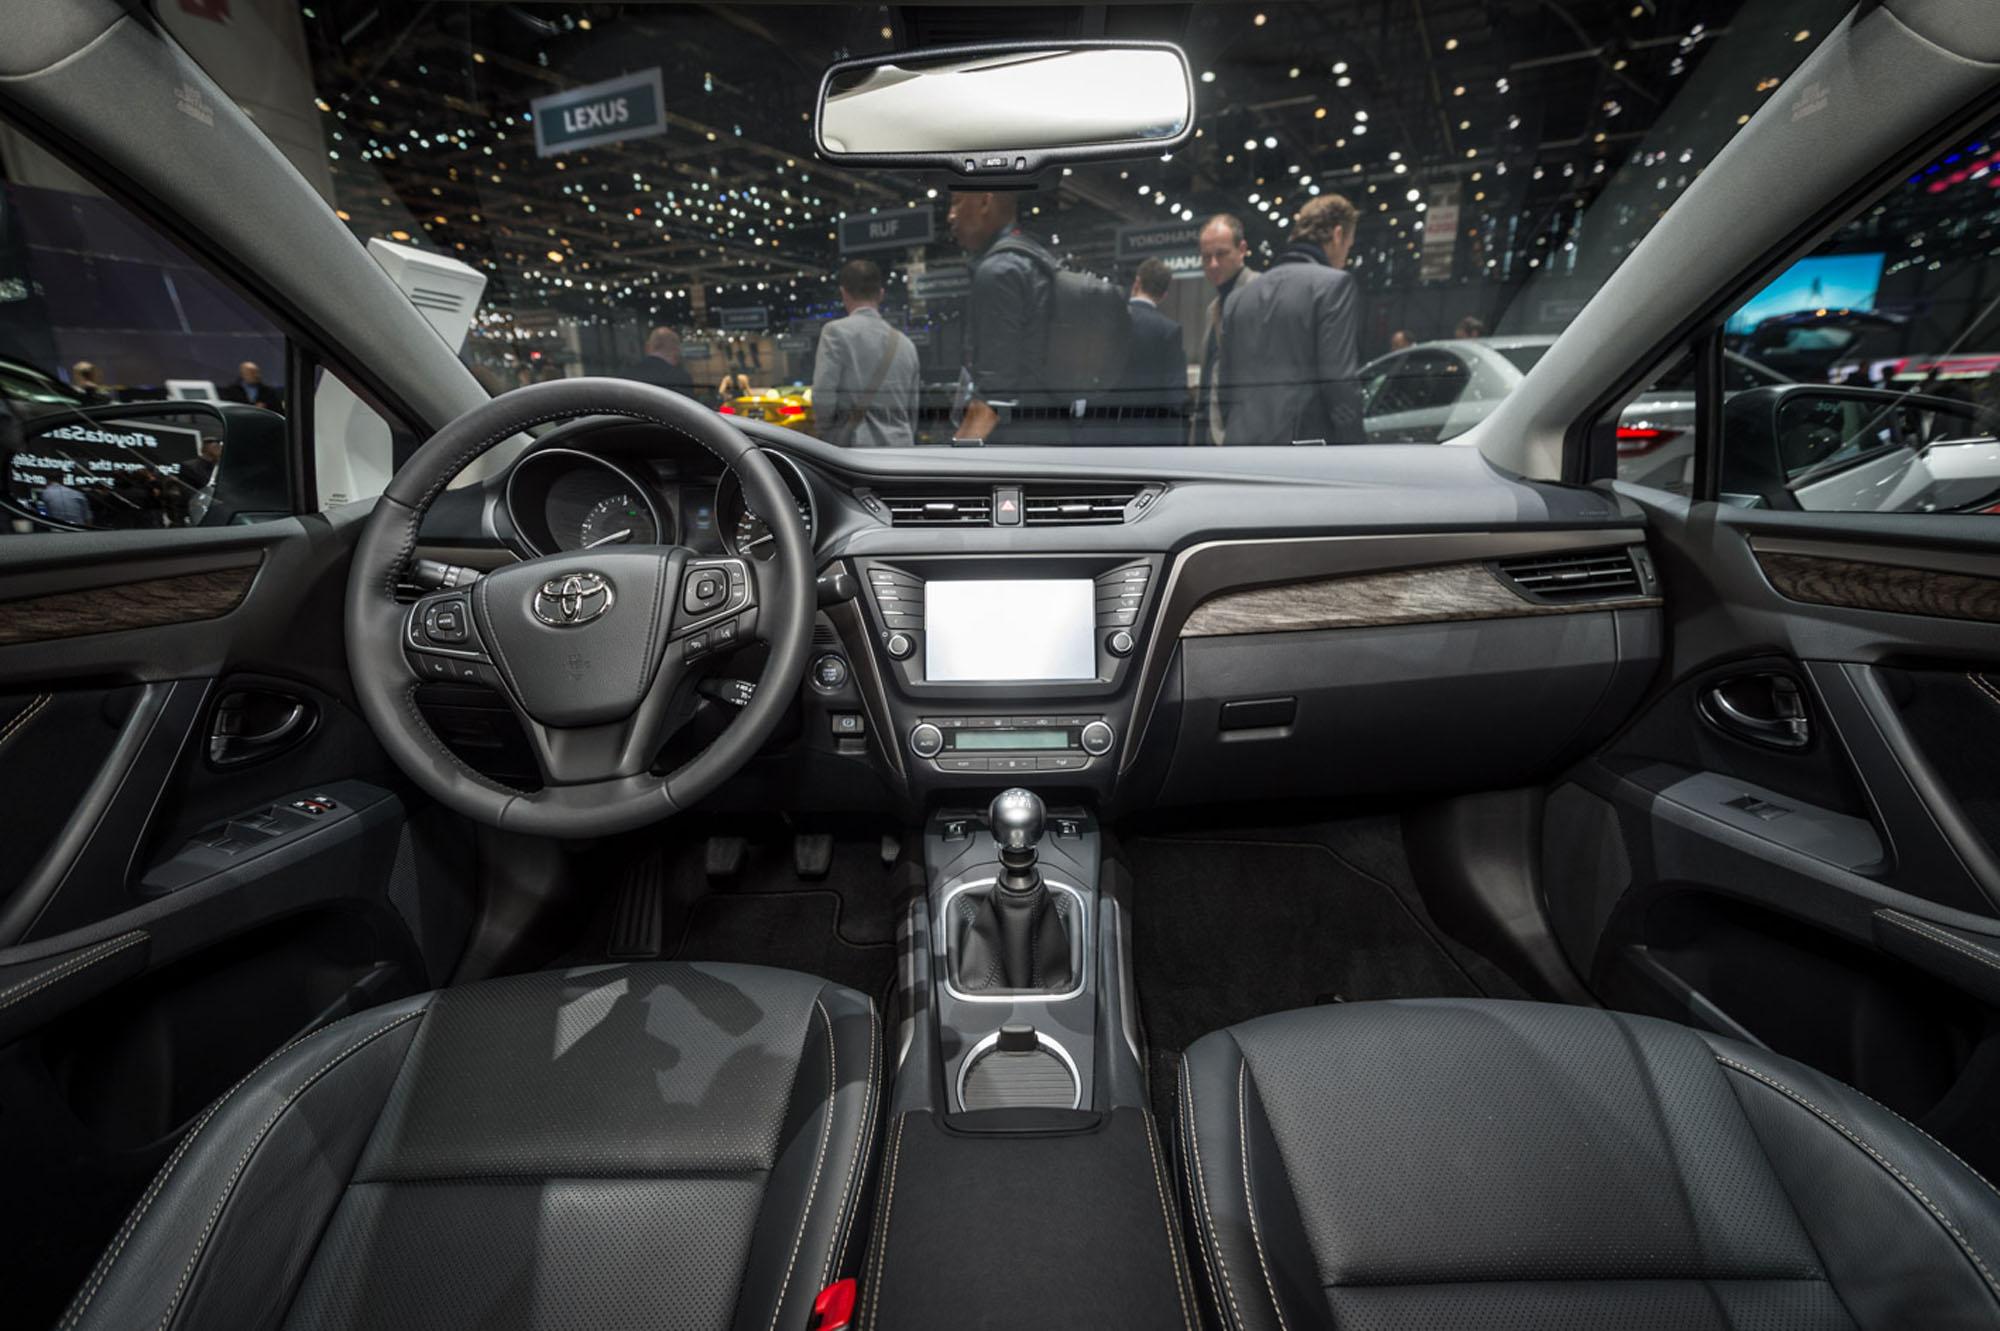 Toyota Avensis Saloon Geneva 2015 A 7